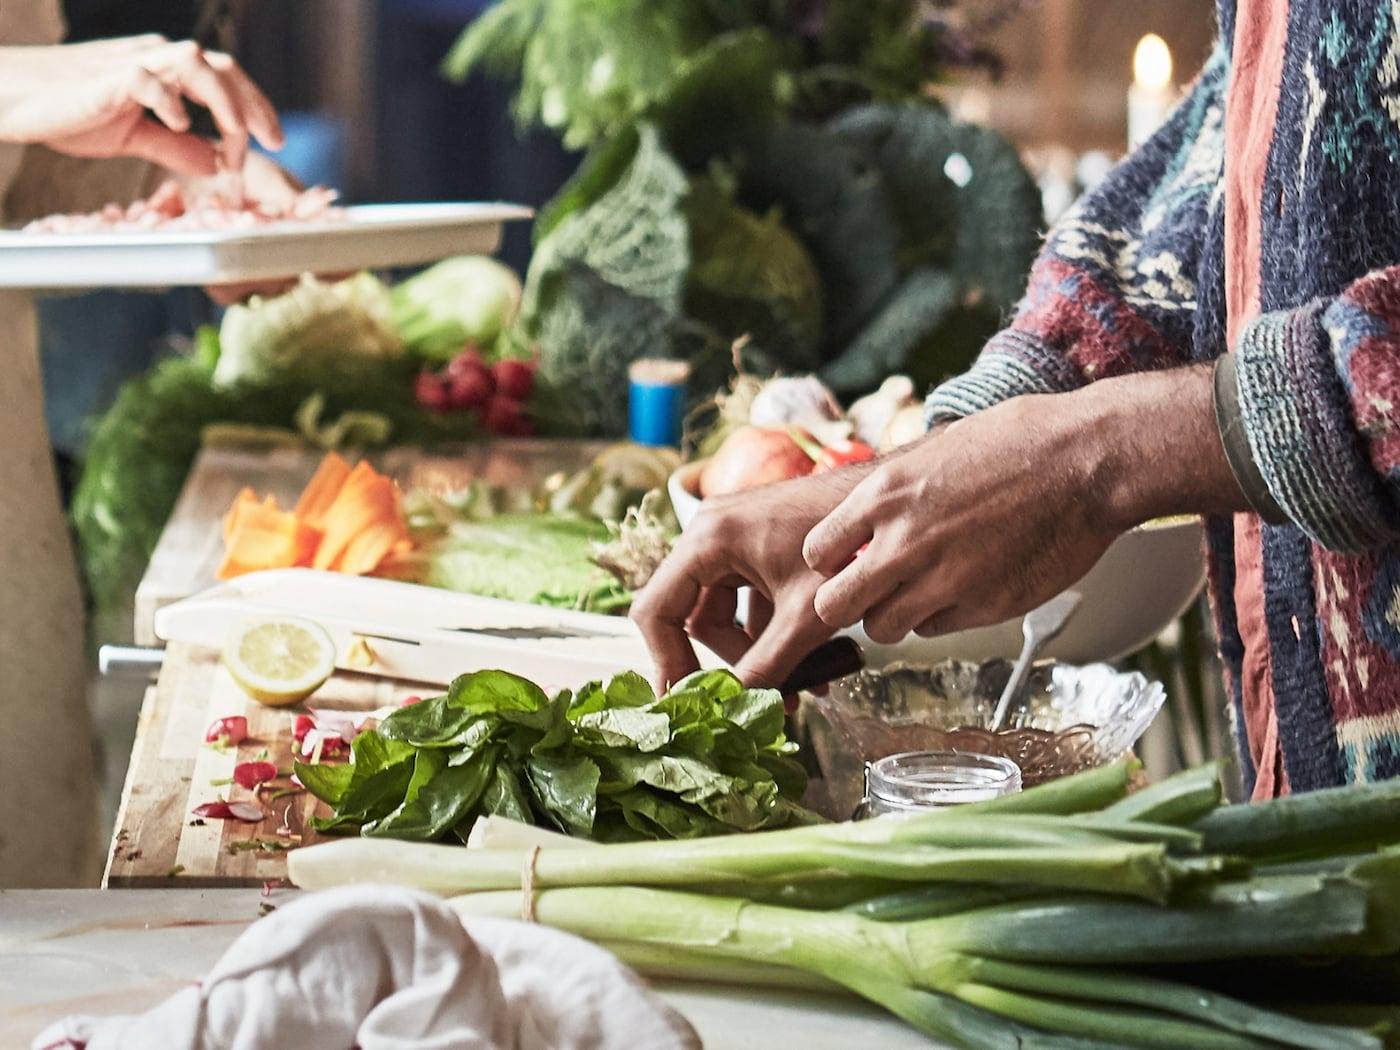 Személy ételt készít a friss zöldségekből.